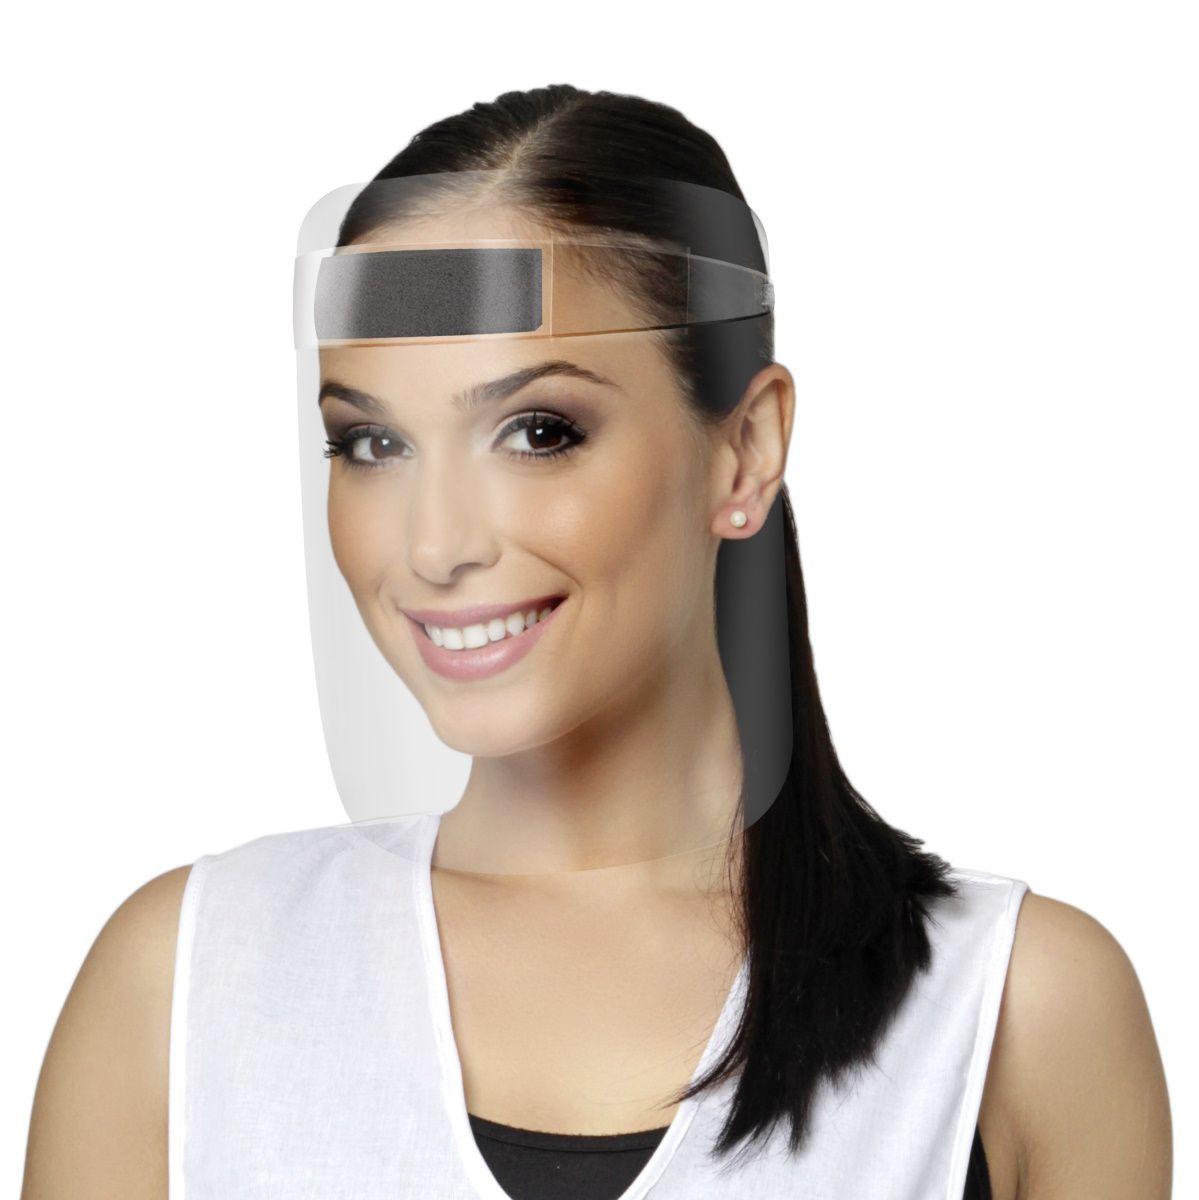 Máscara Facial Protetora Anti Respingos e Gotículas - Santa Clara